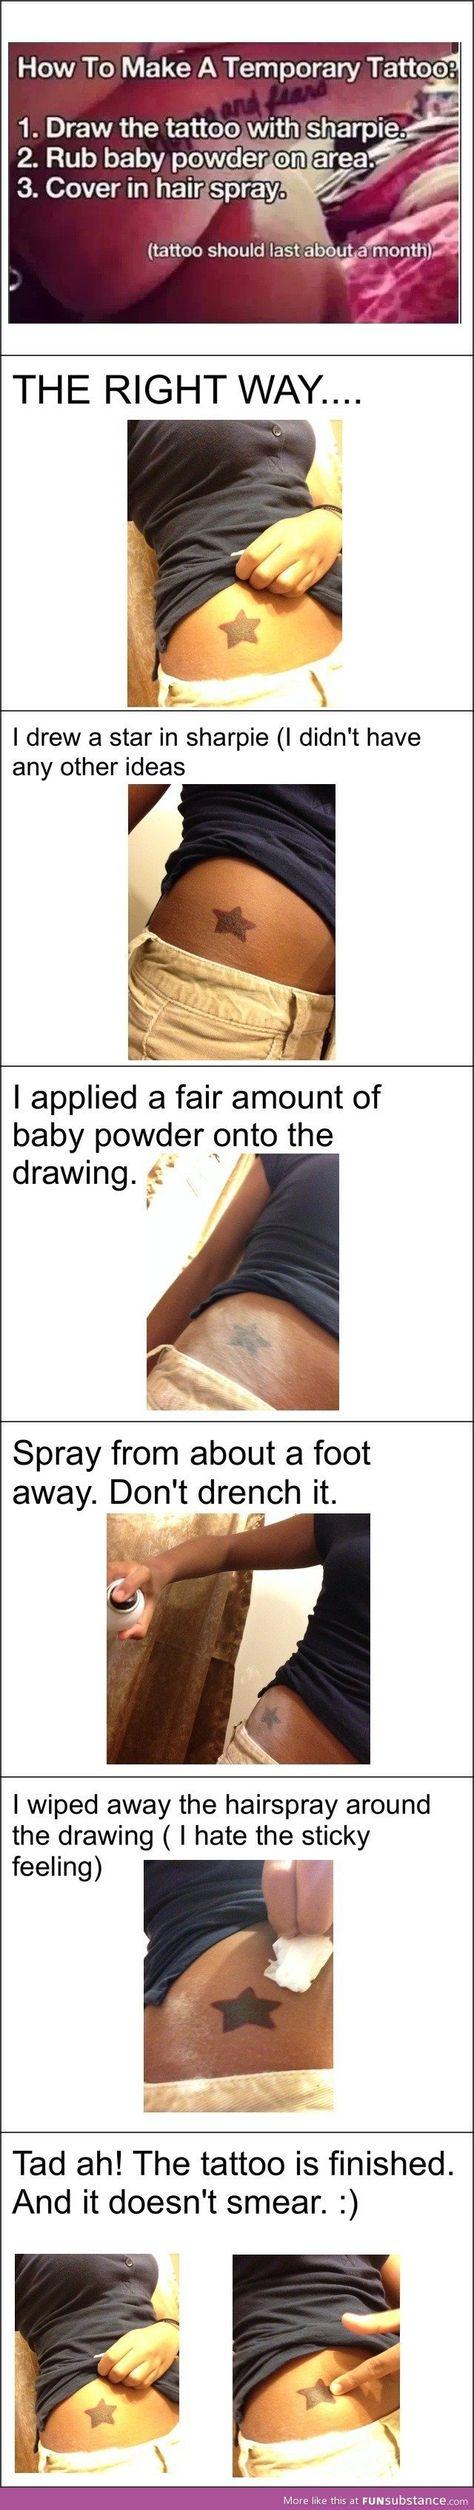 DIY Temporary Tattoo @paola laris